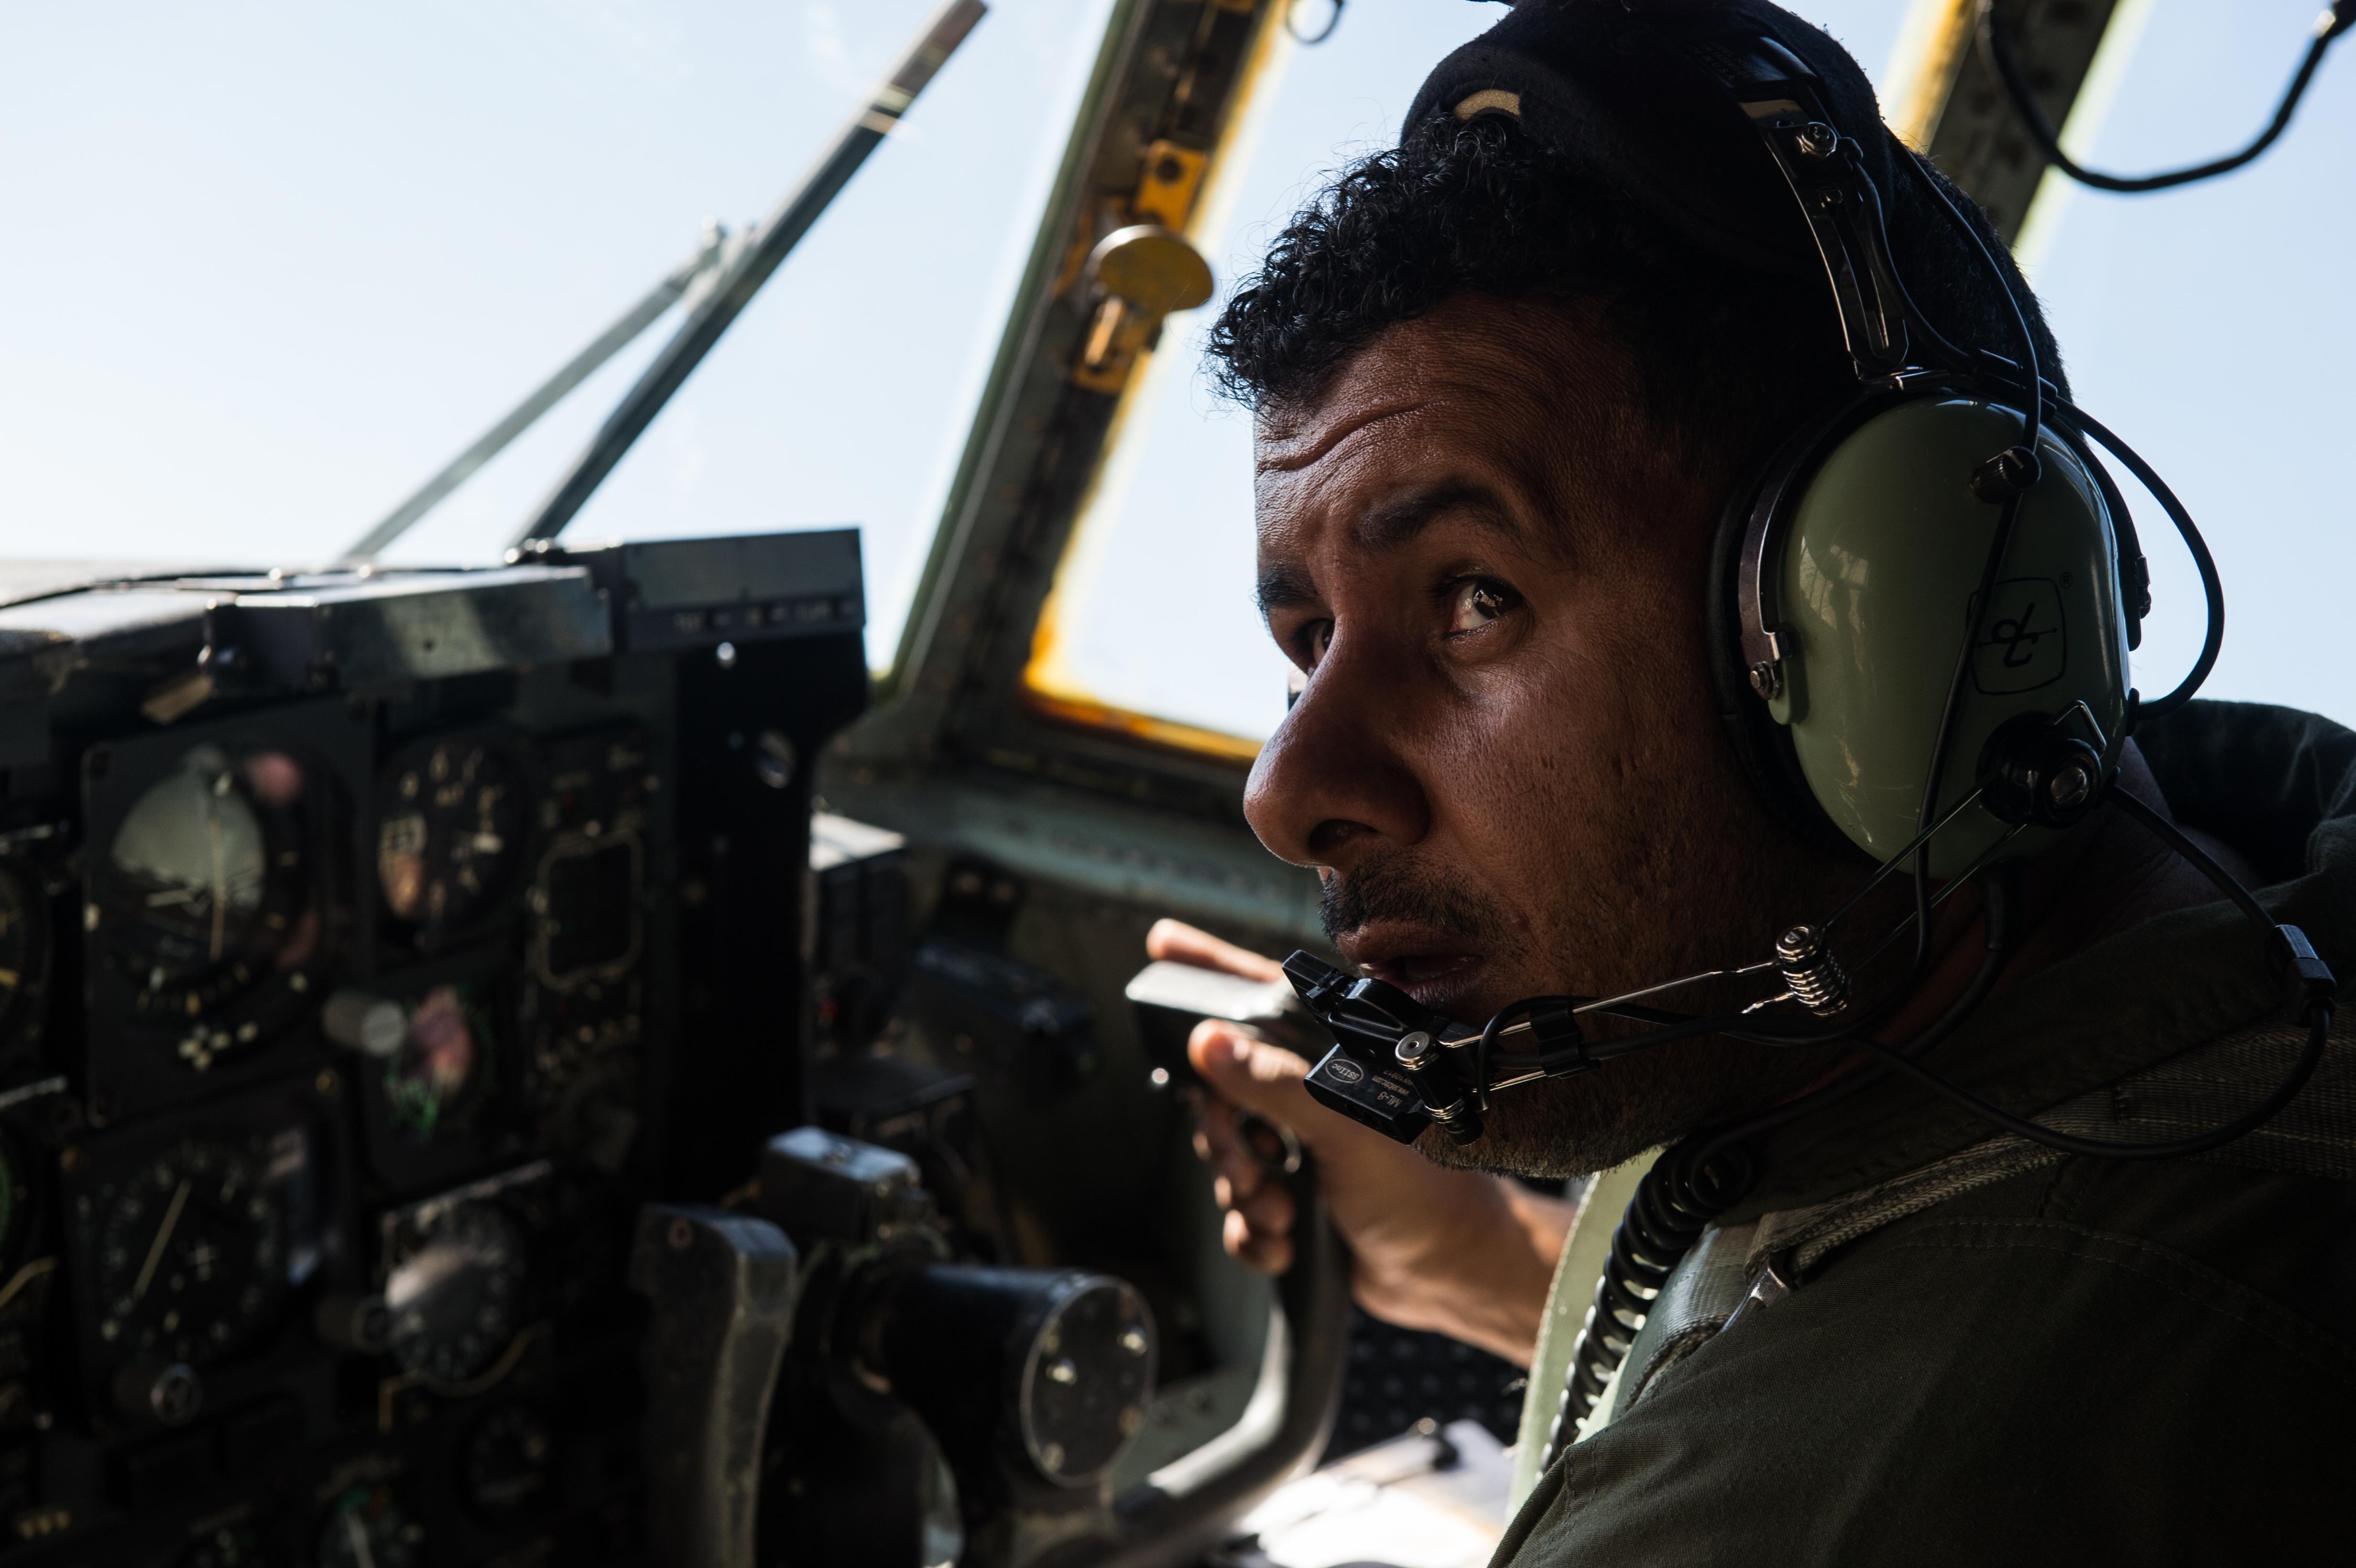 TAAC-Air advisers mentor Afghan Air Force